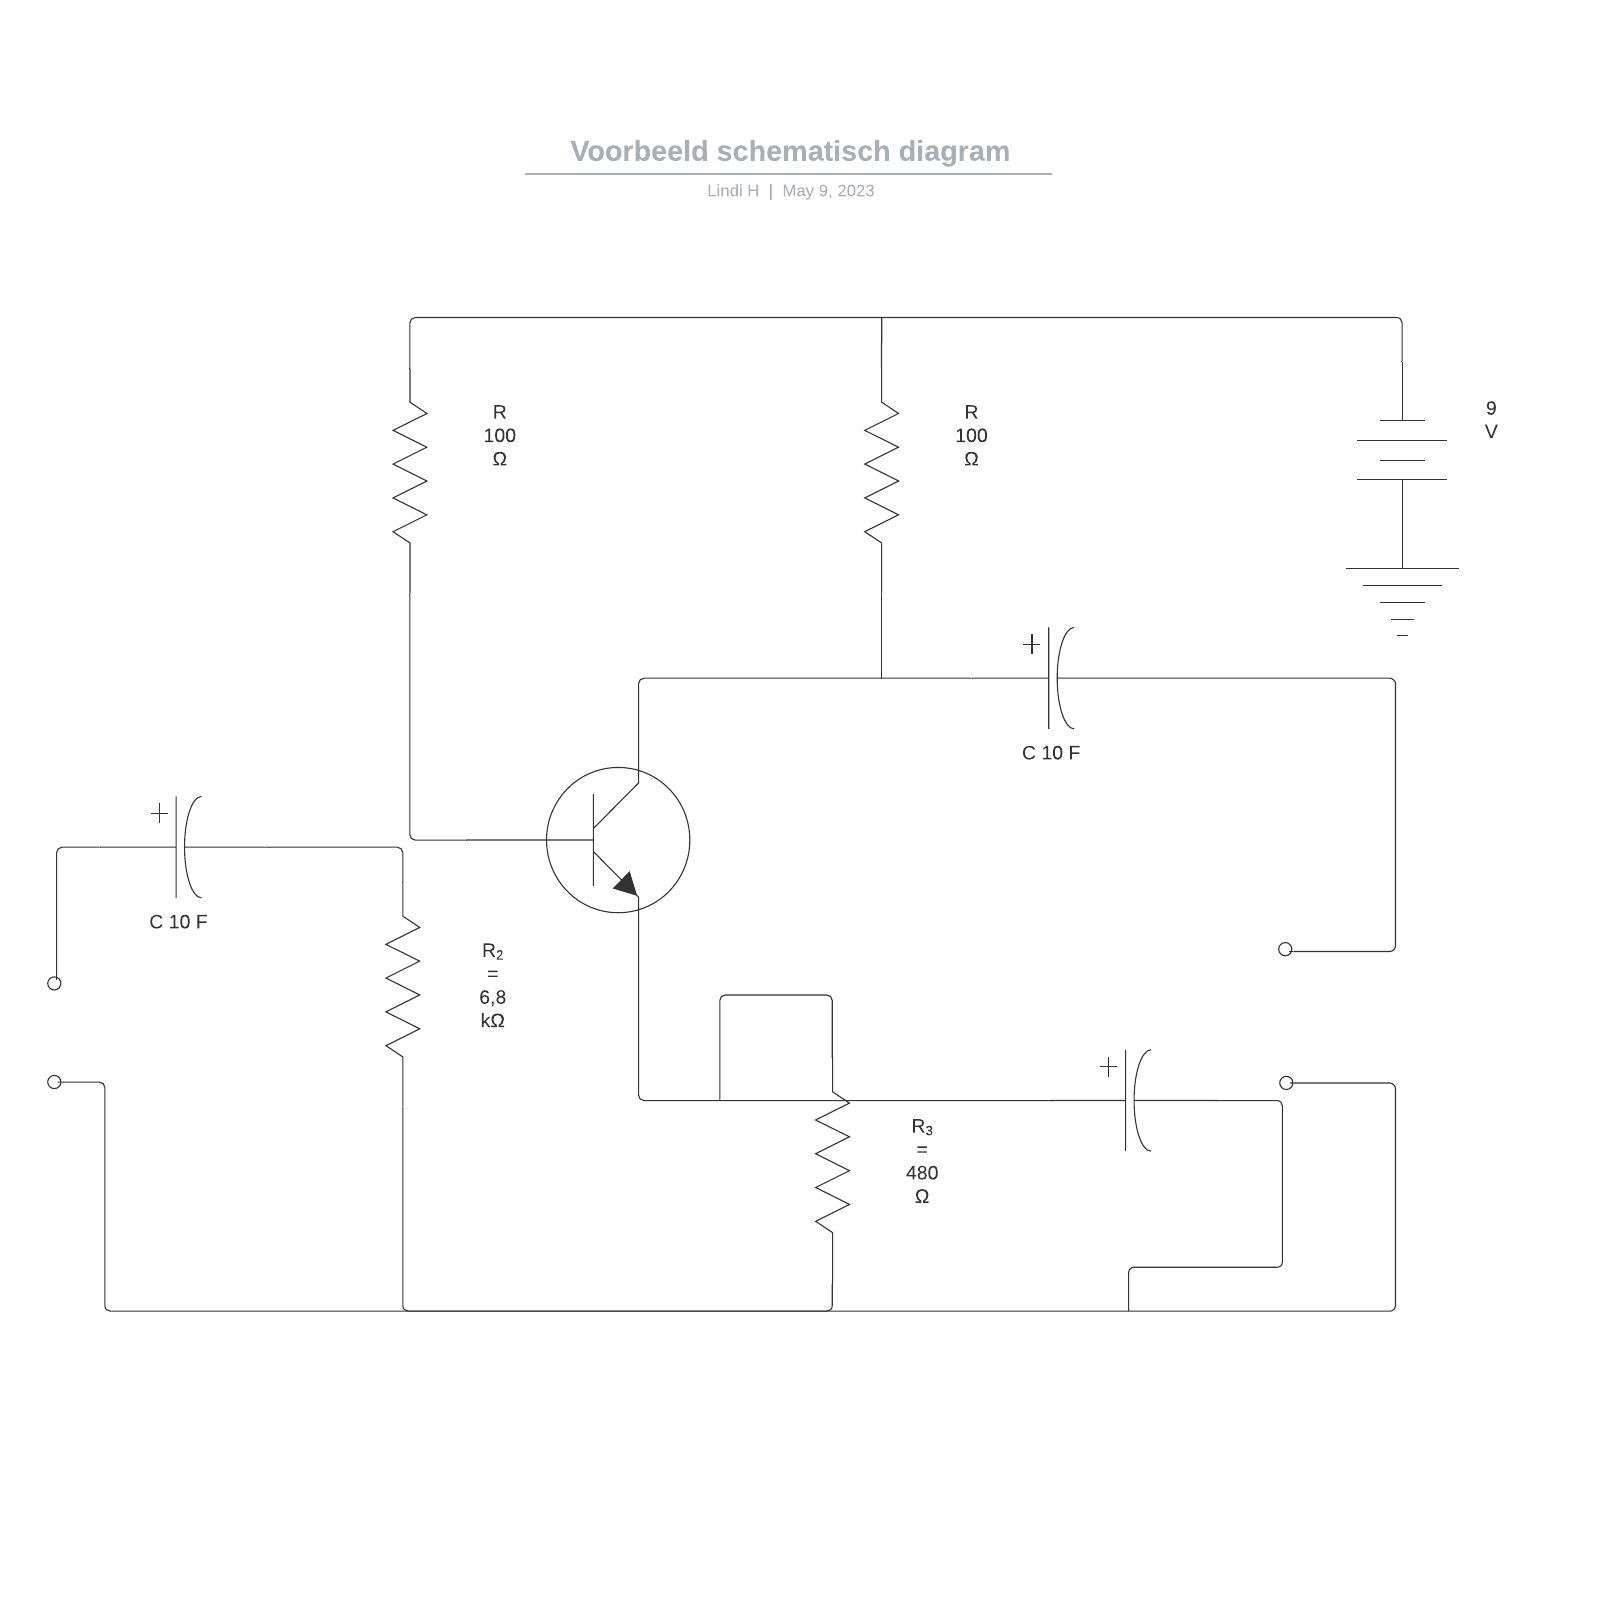 Voorbeeld schematisch diagram